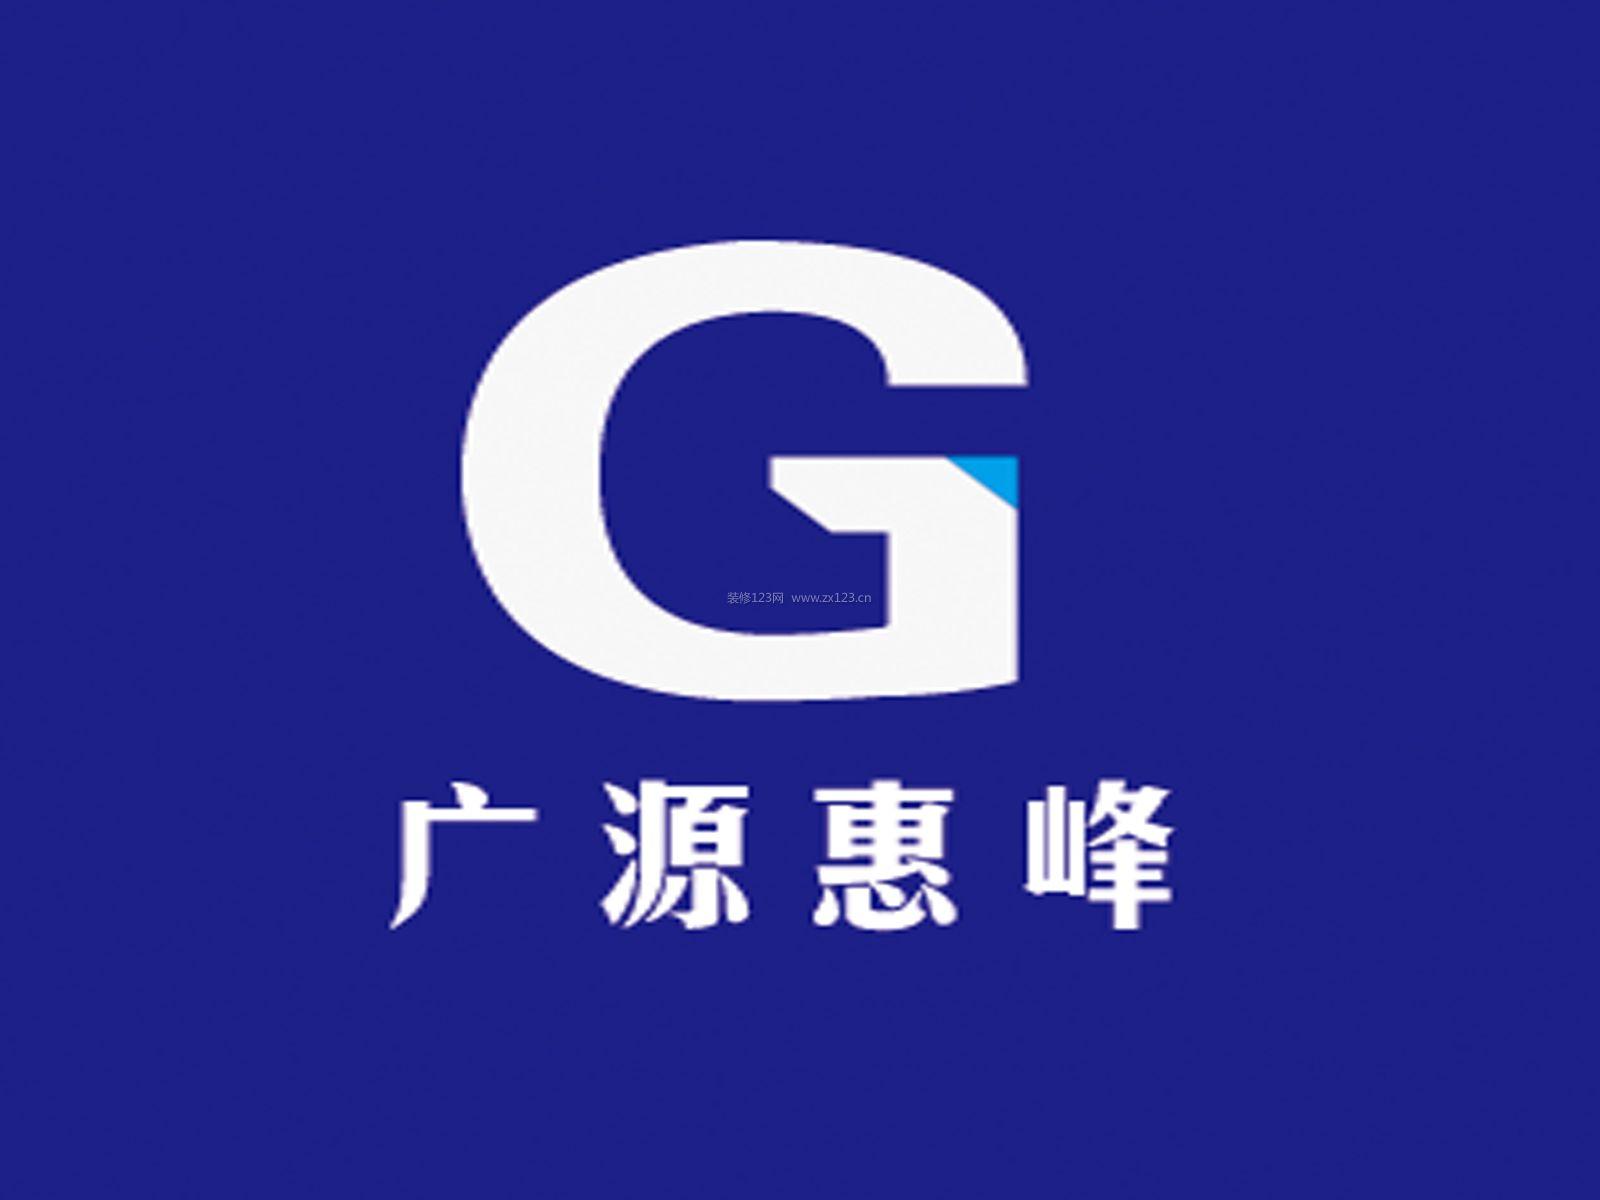 华腾软件与广源惠峰建筑工程有限公司成功签约